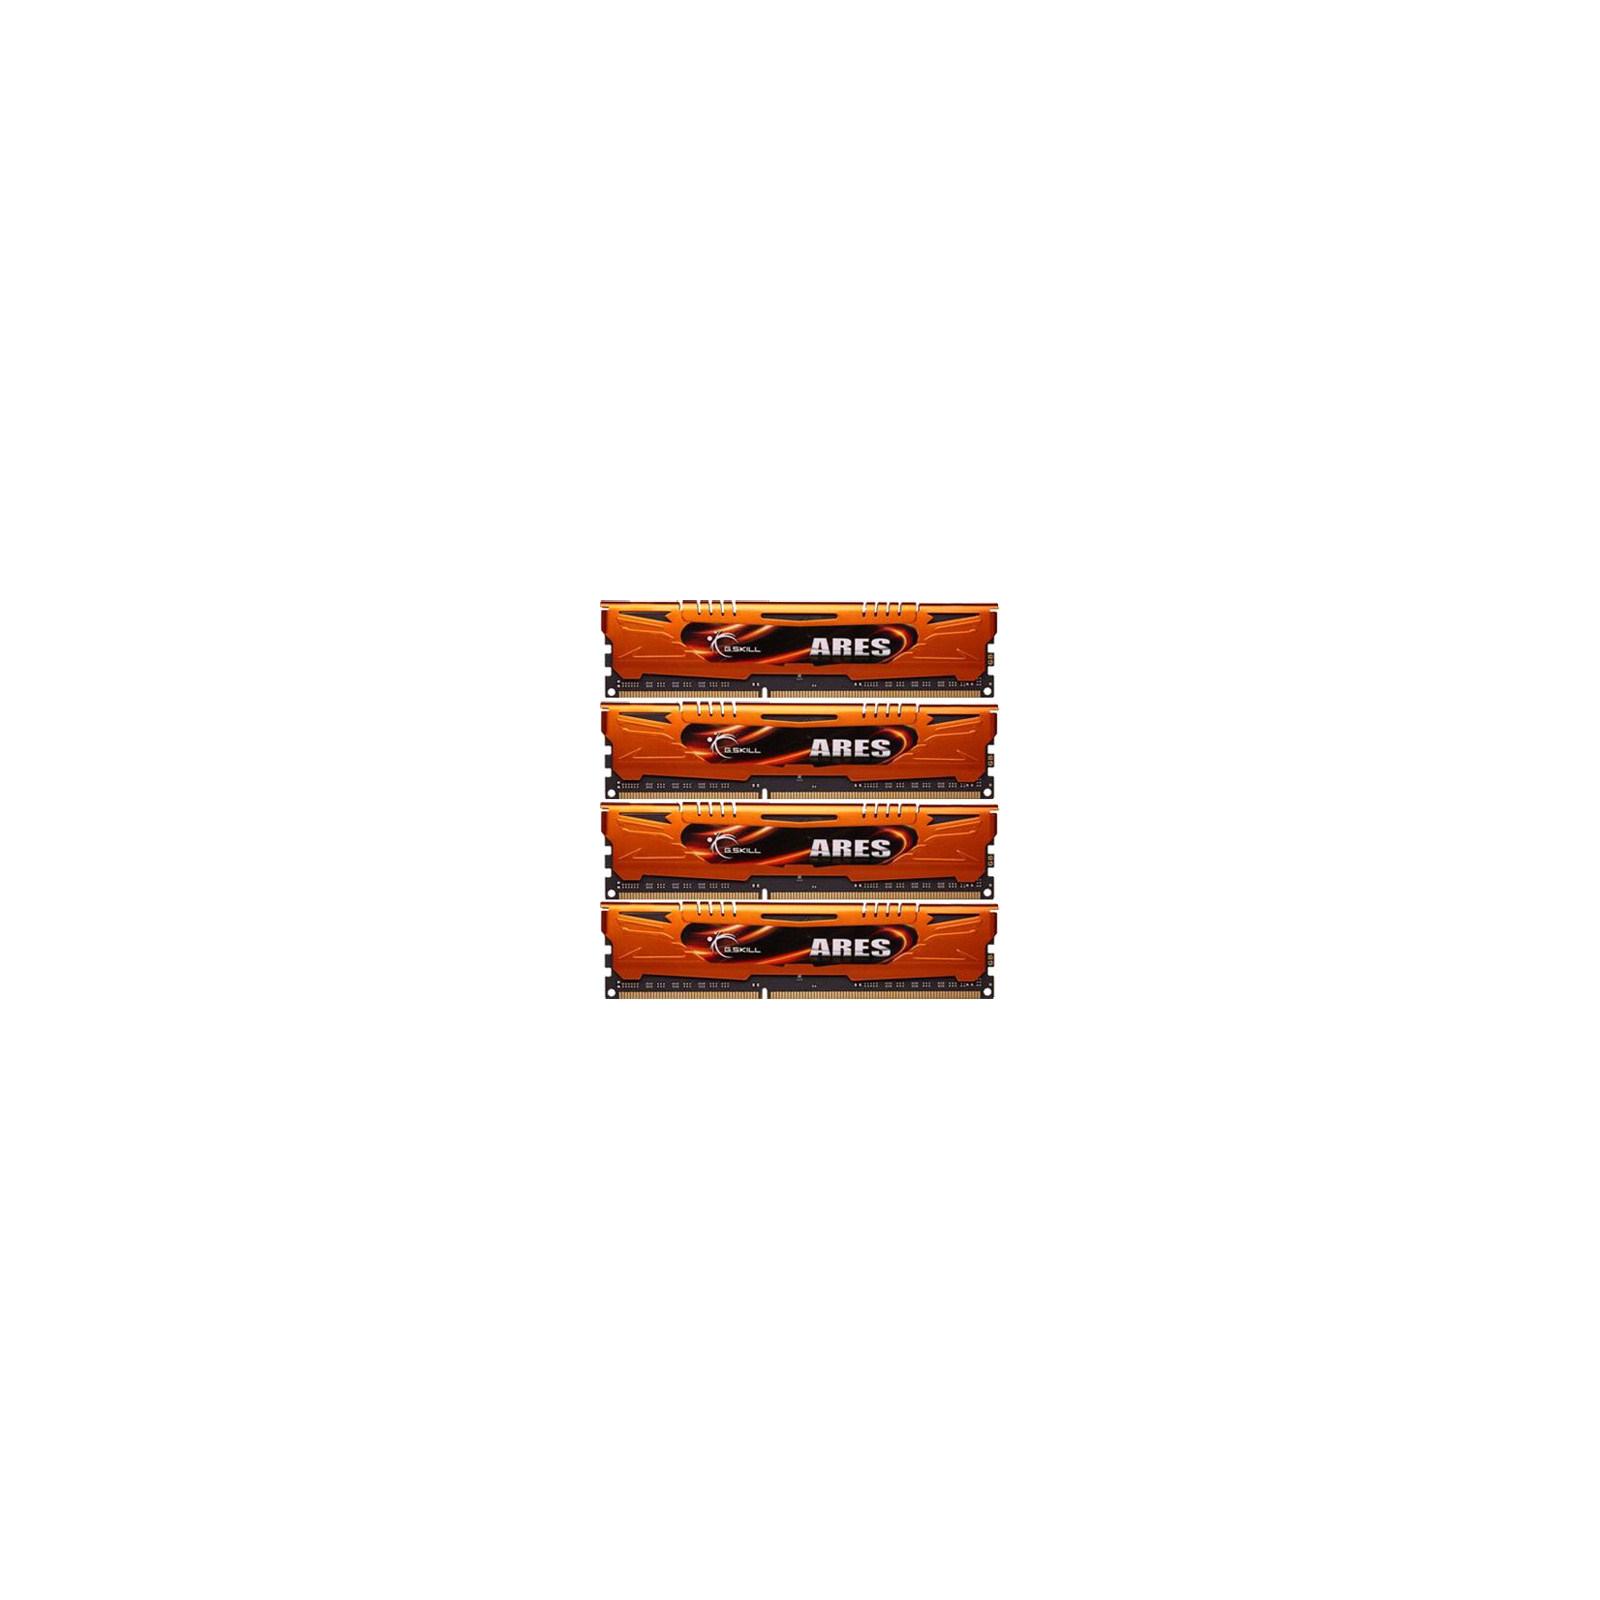 Модуль памяти для компьютера DDR3 16GB (4x4GB) 2133 MHz G.Skill (F3-2133C11Q-16GAO)